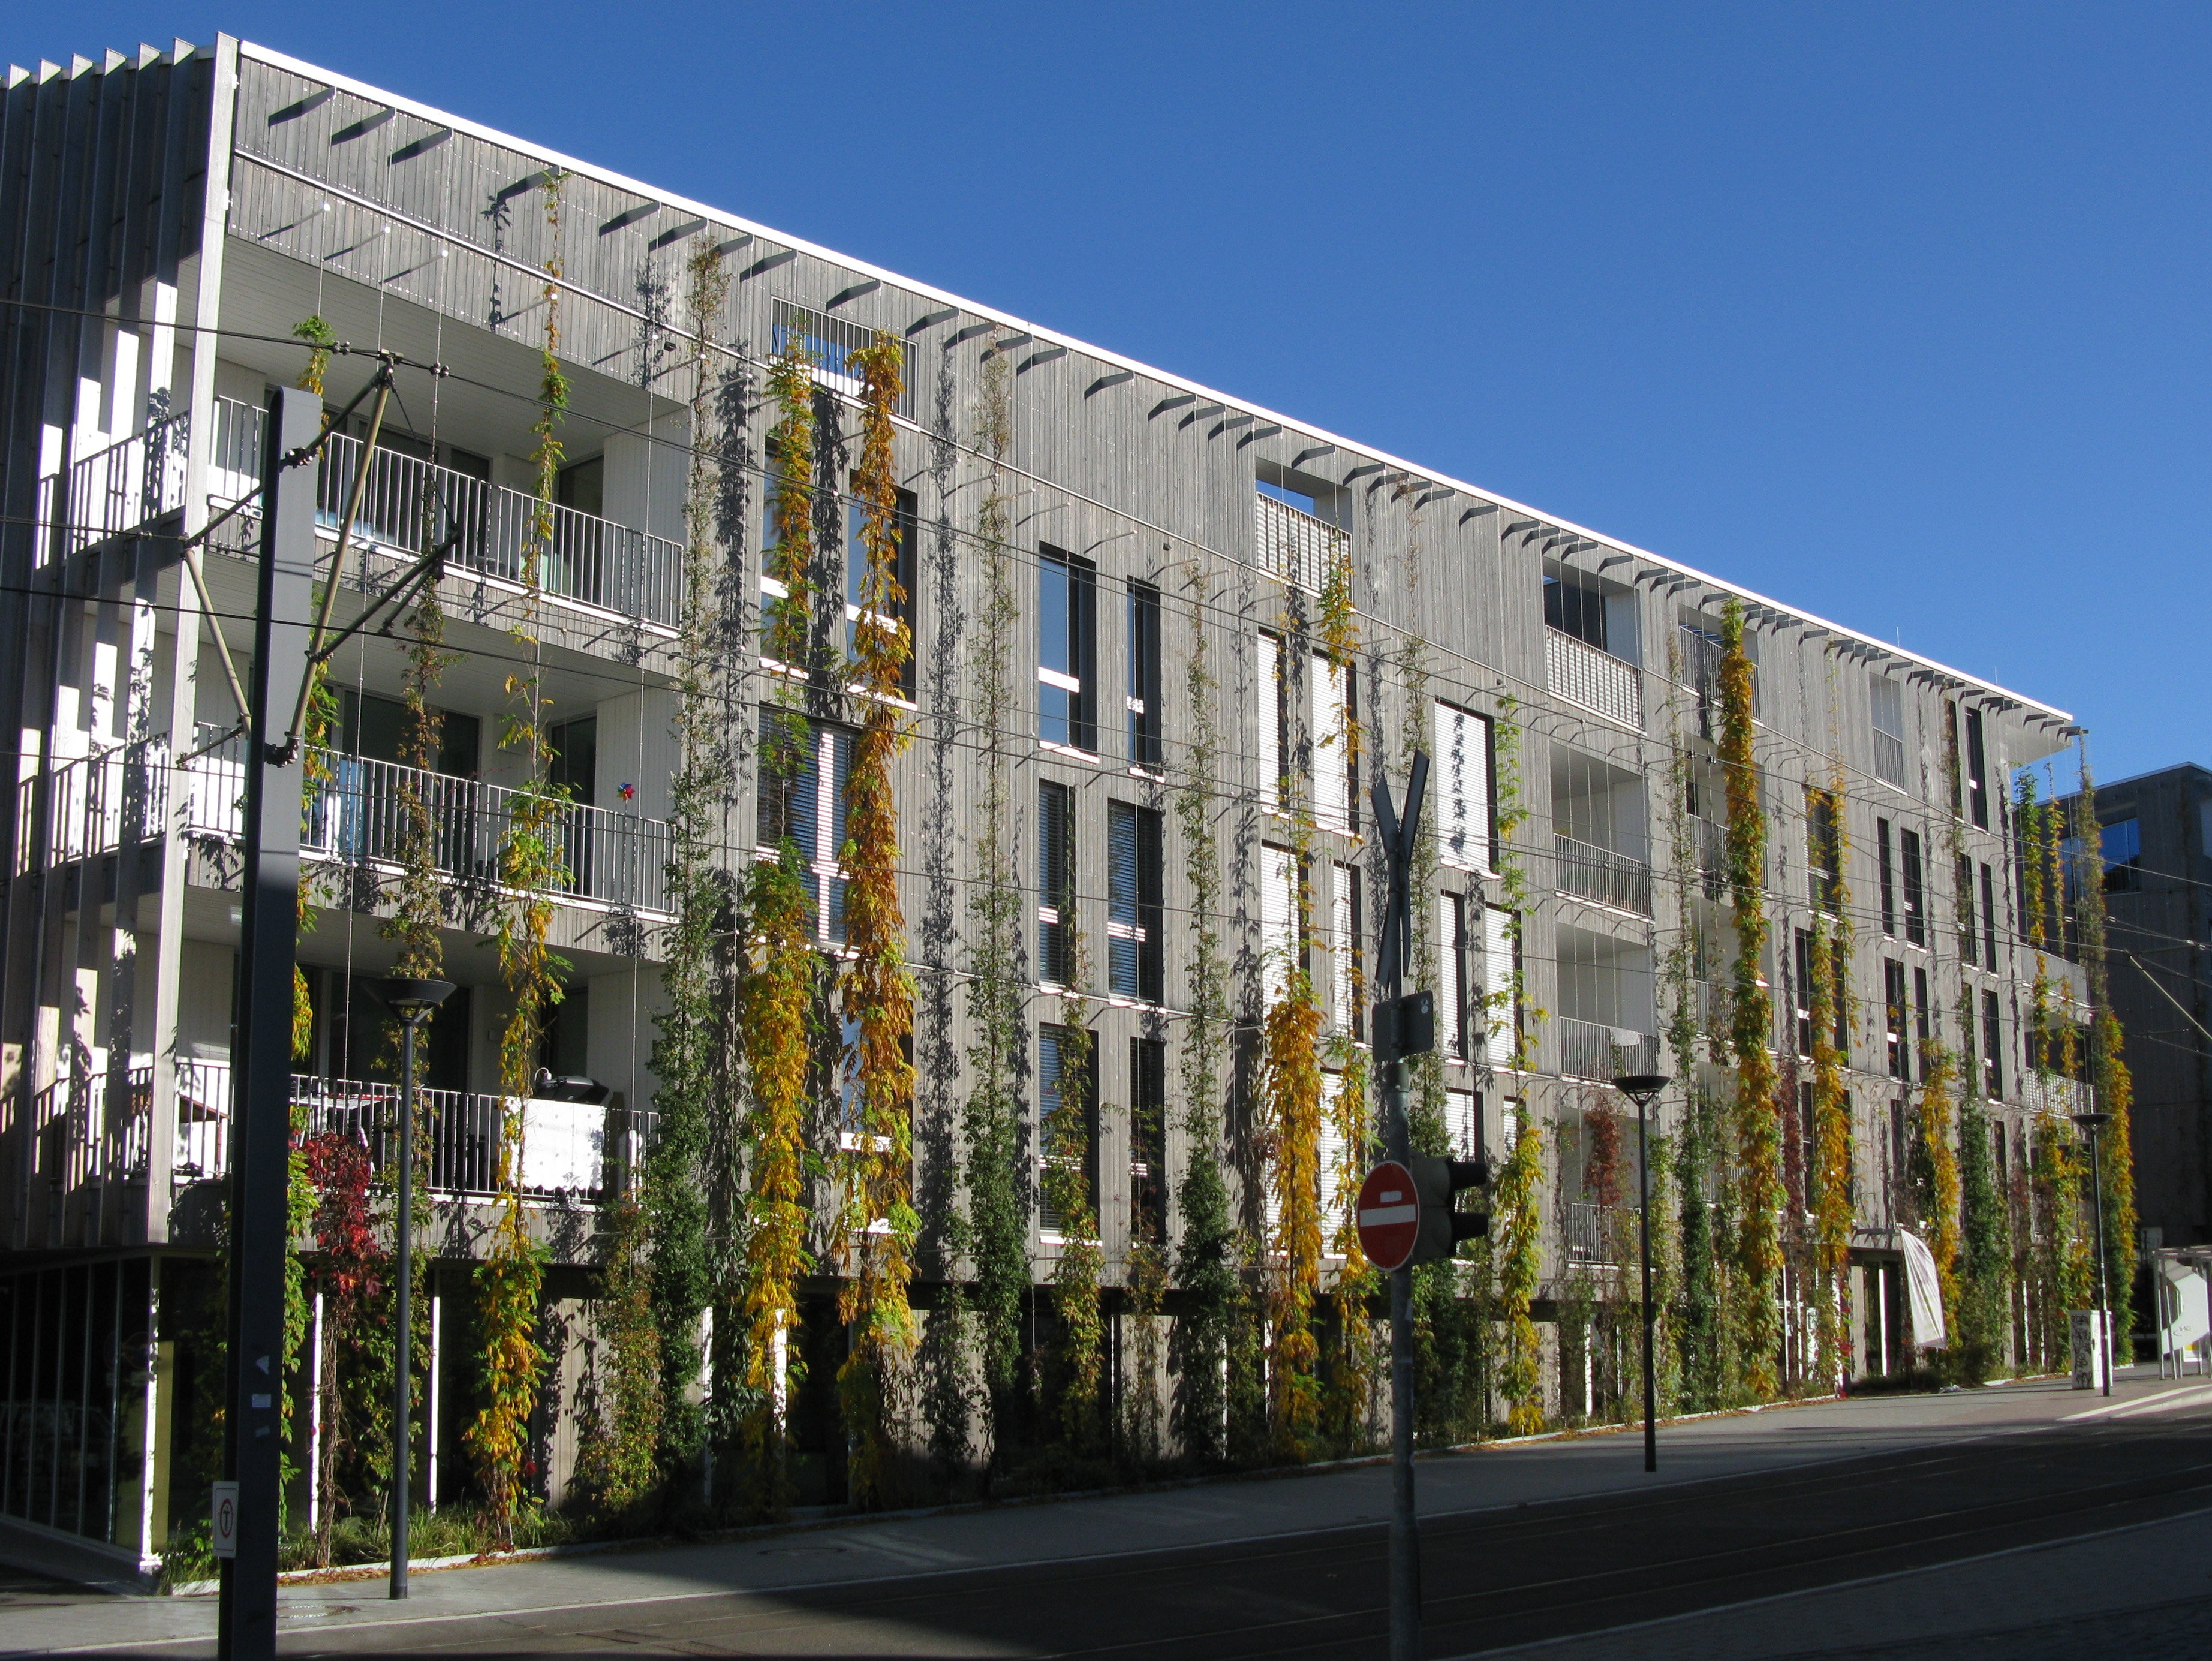 Fassade modern Begrünung herrliche Idee